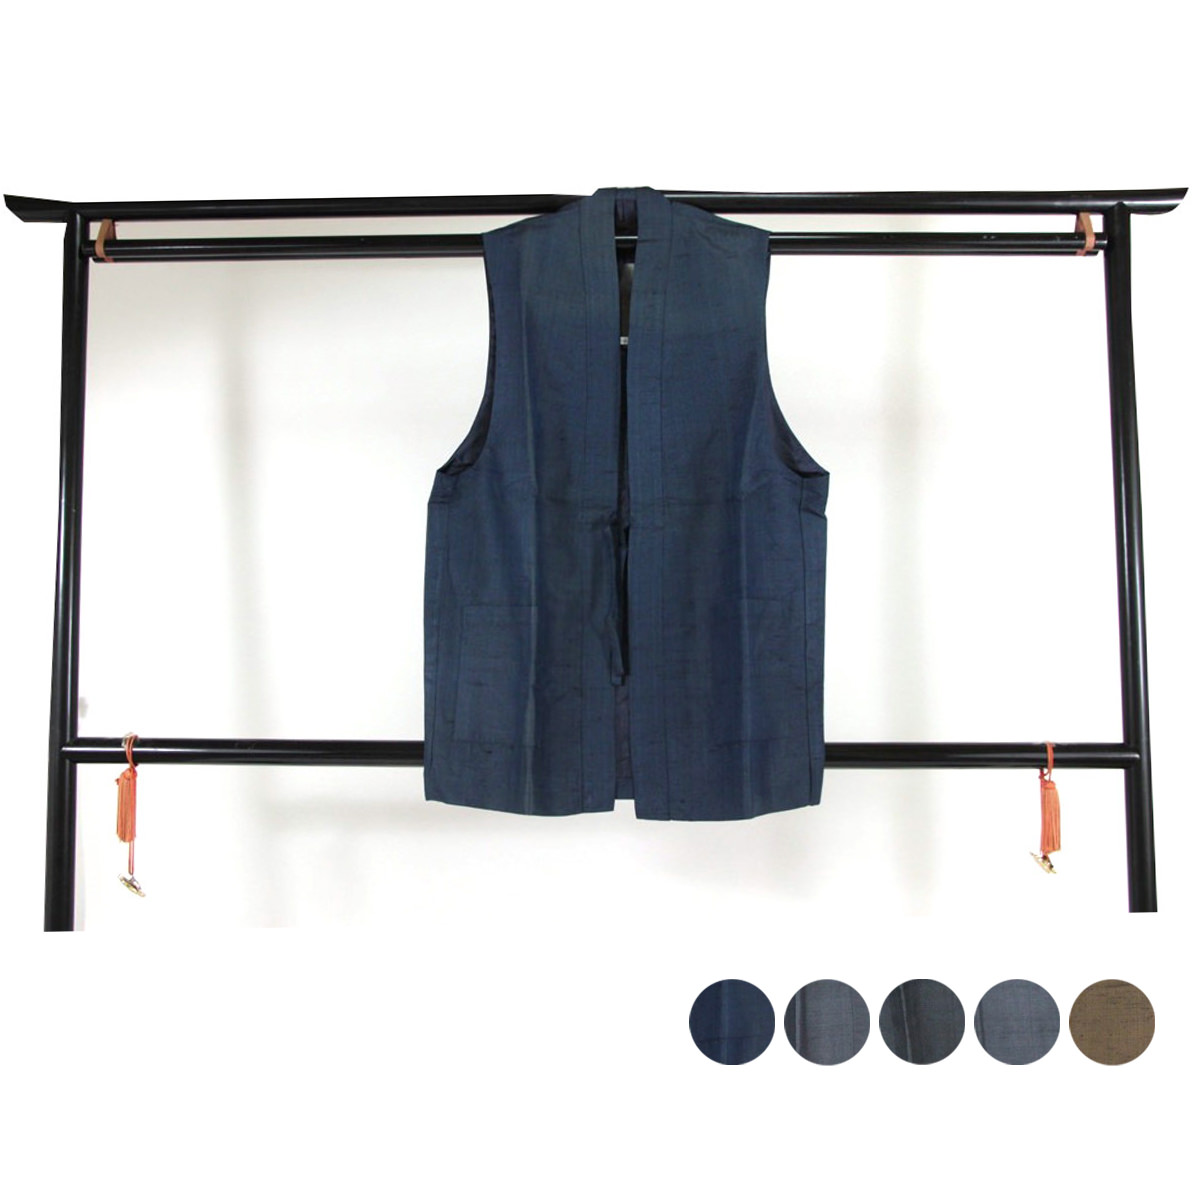 送料無料 訳あり 正絹 袖なし 男物 羽織 袷 仕立て上り品 メンズ 紳士物 絹100% 男性用 紳士物 着物 きもの はおり メール便不可